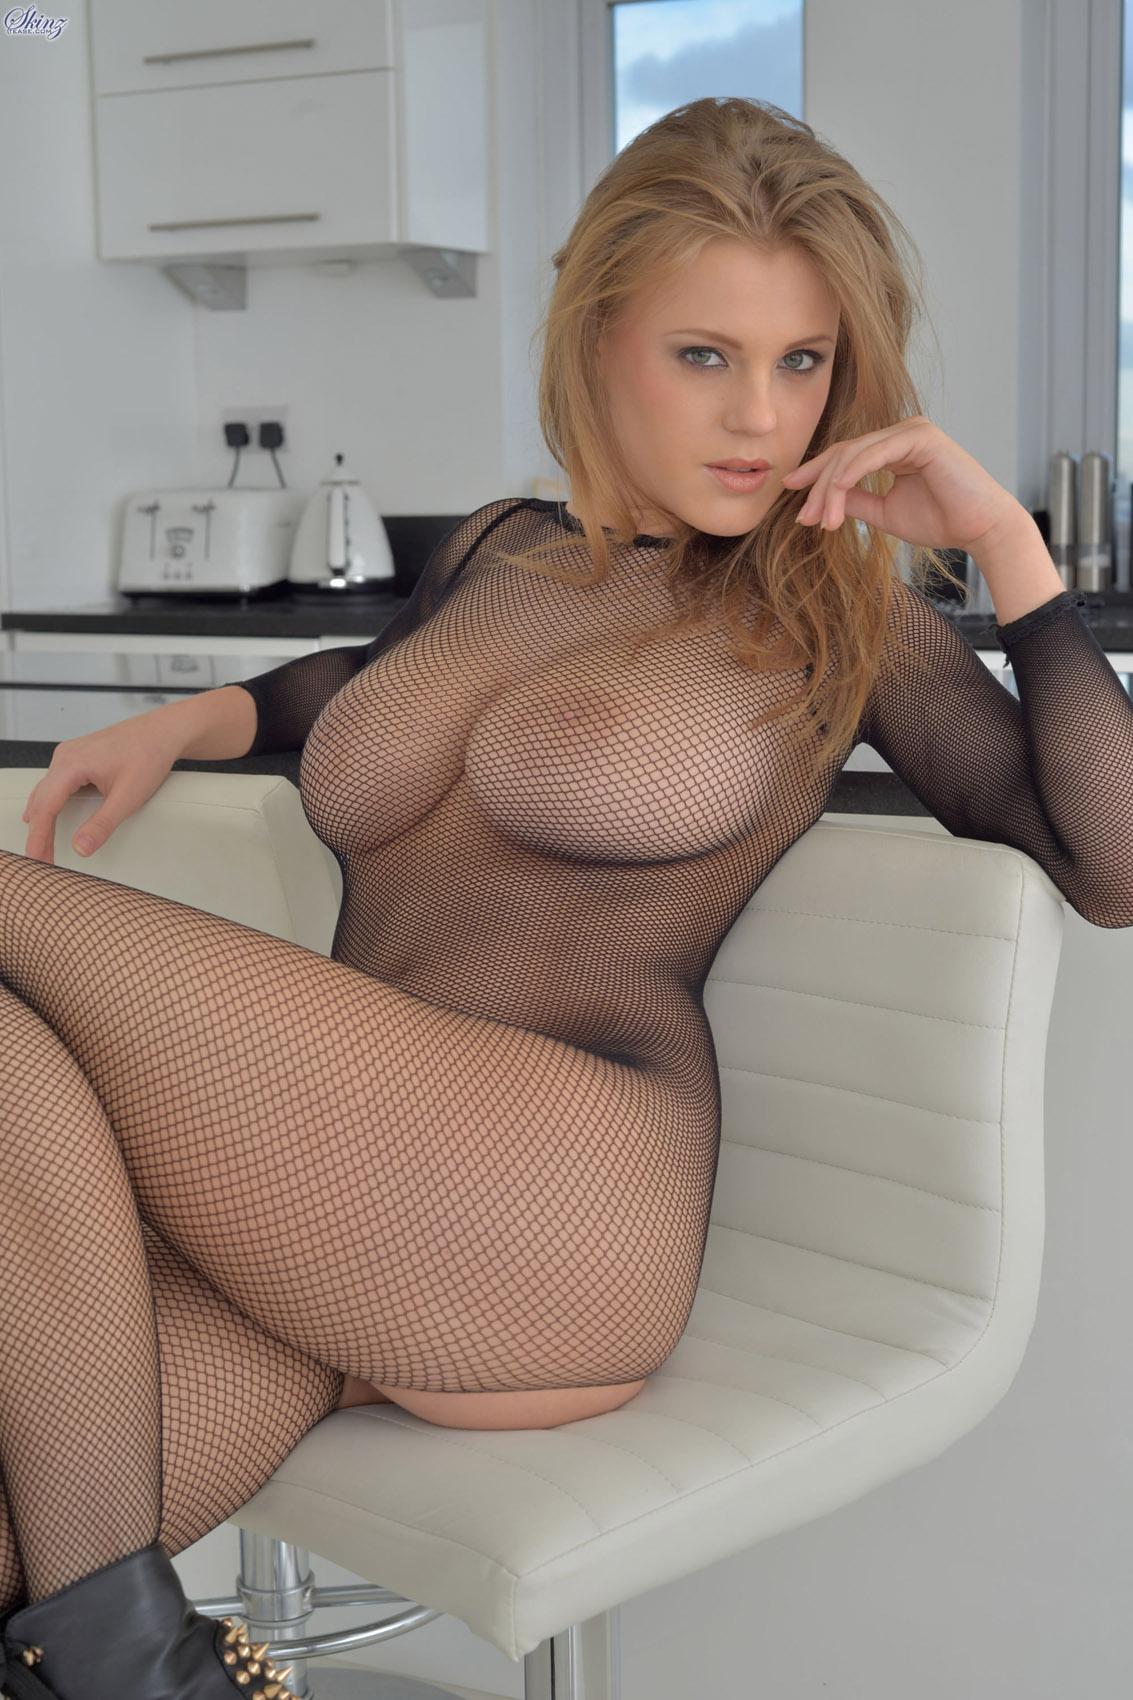 In girl hot fishnet naked